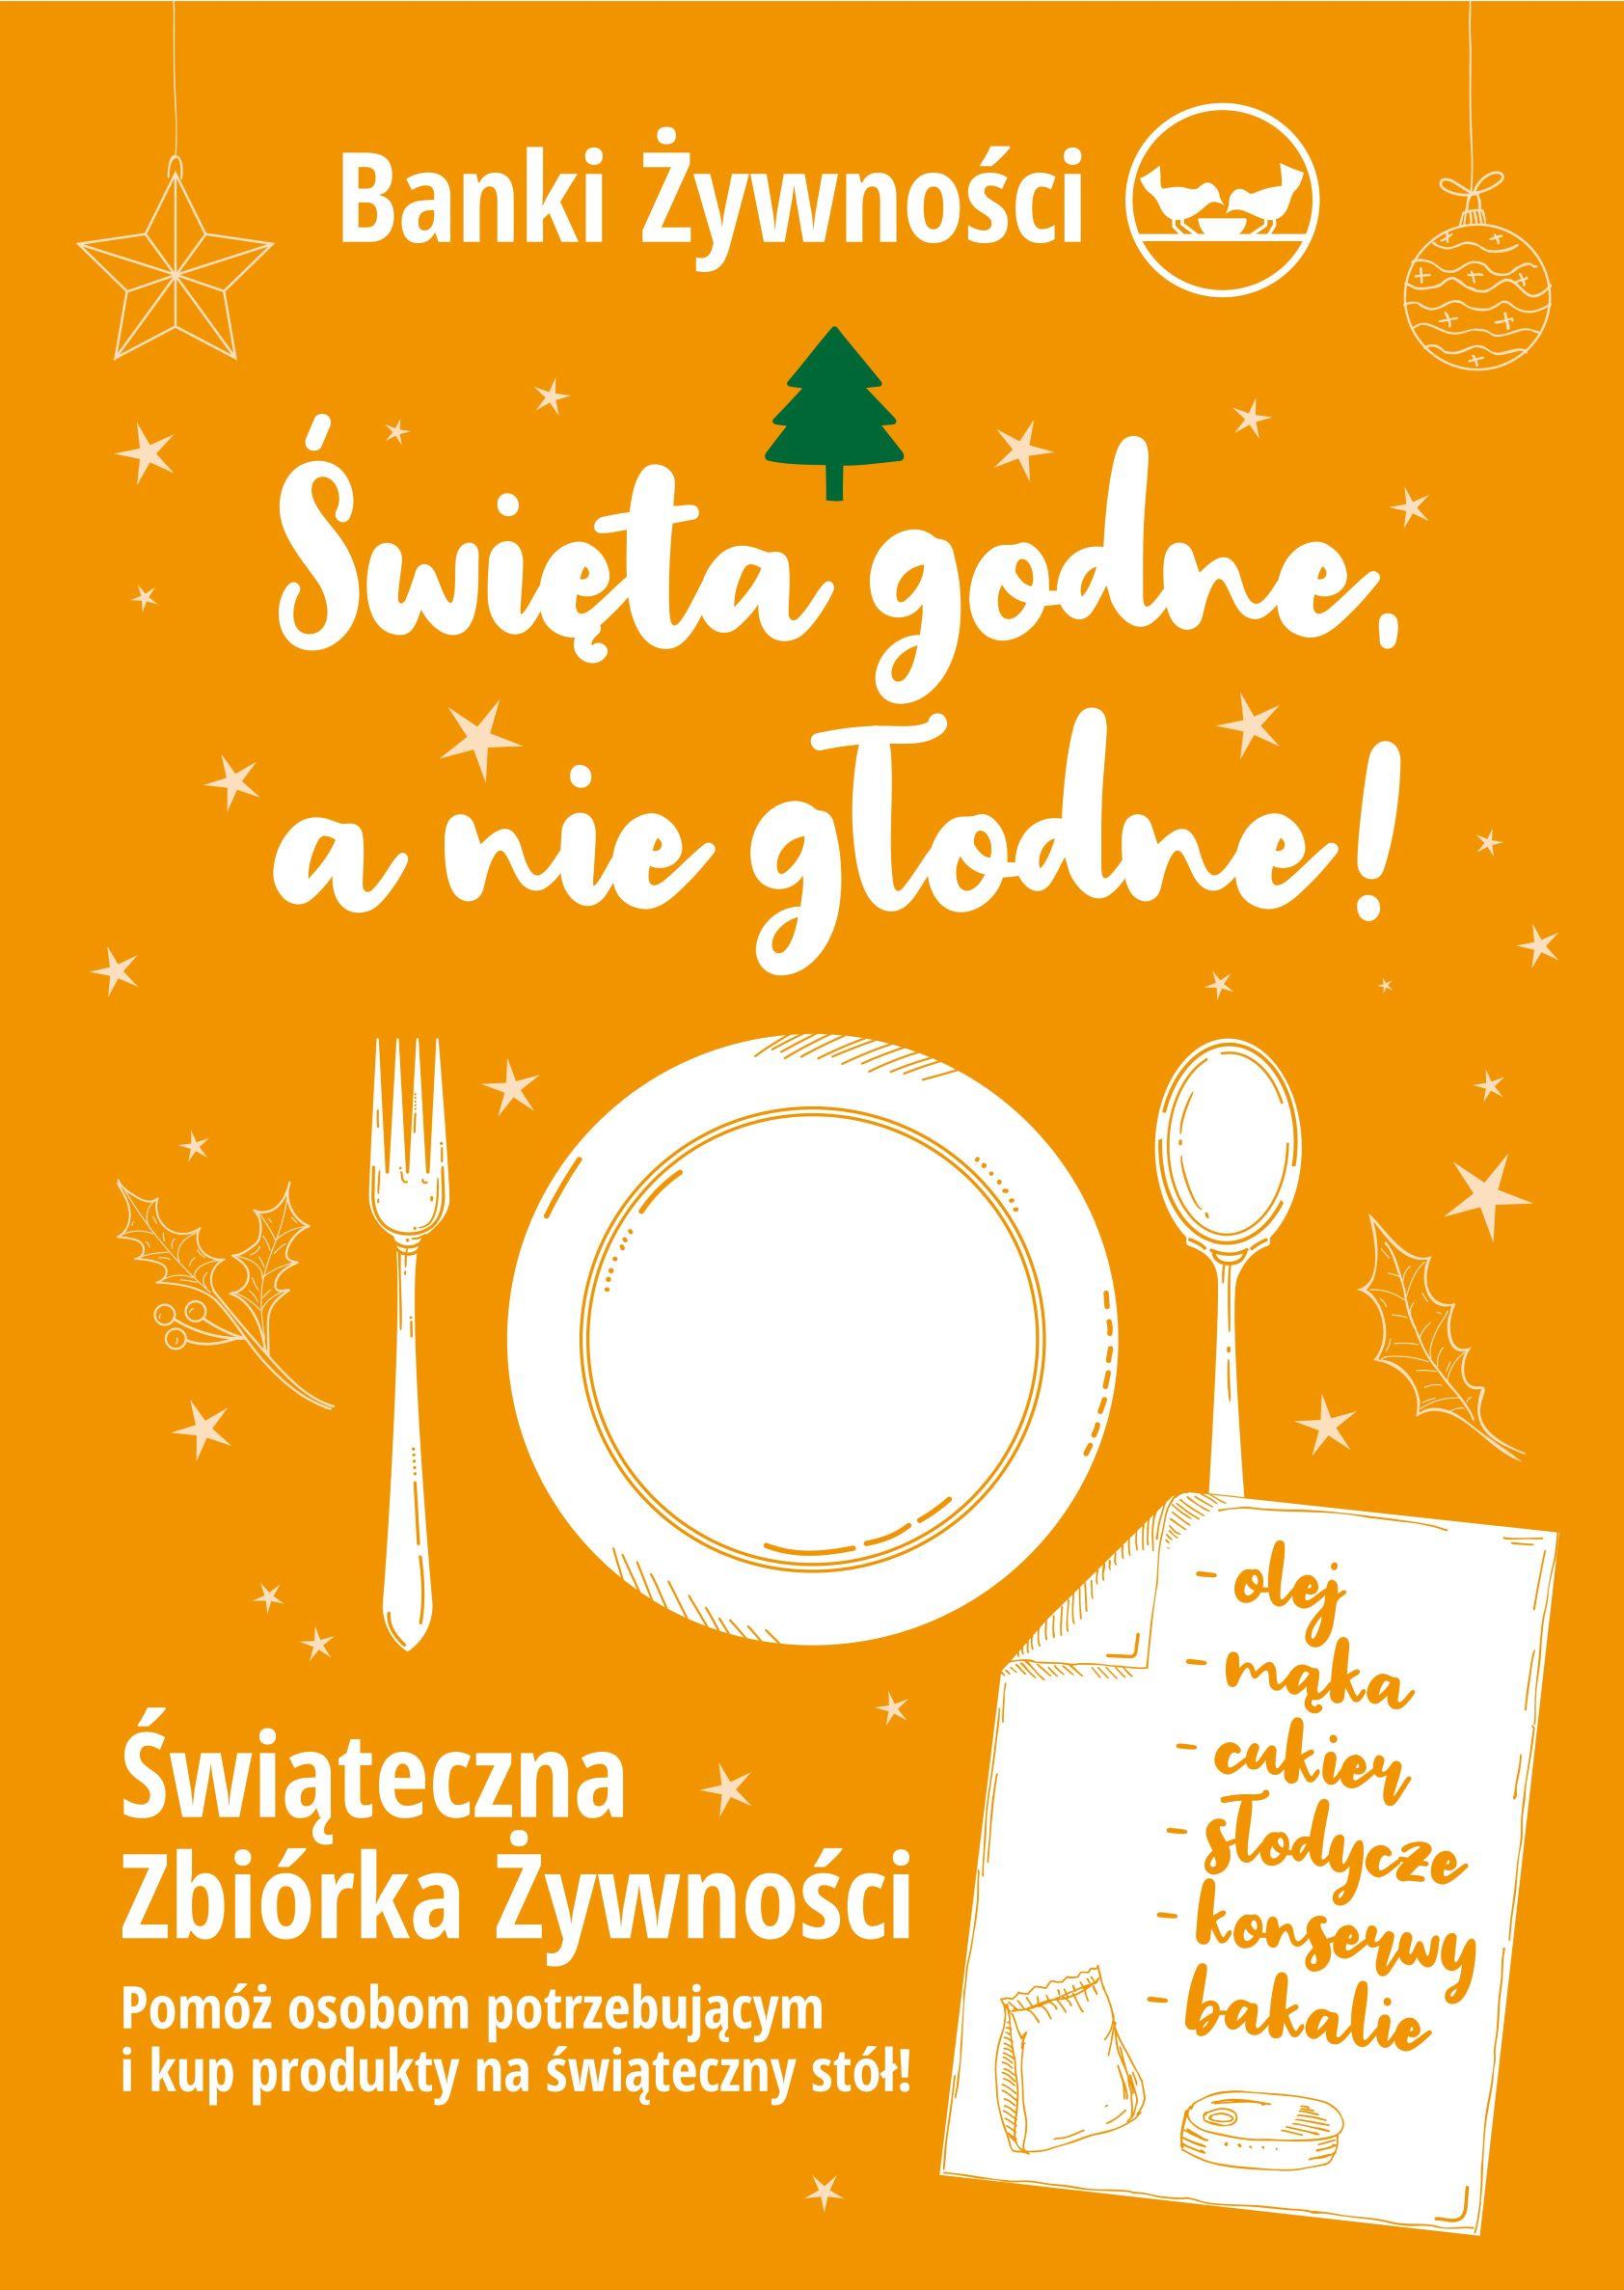 Świąteczna Zbiórka Żywności w dniach 23.11.2020r. – 28.11.2020r.